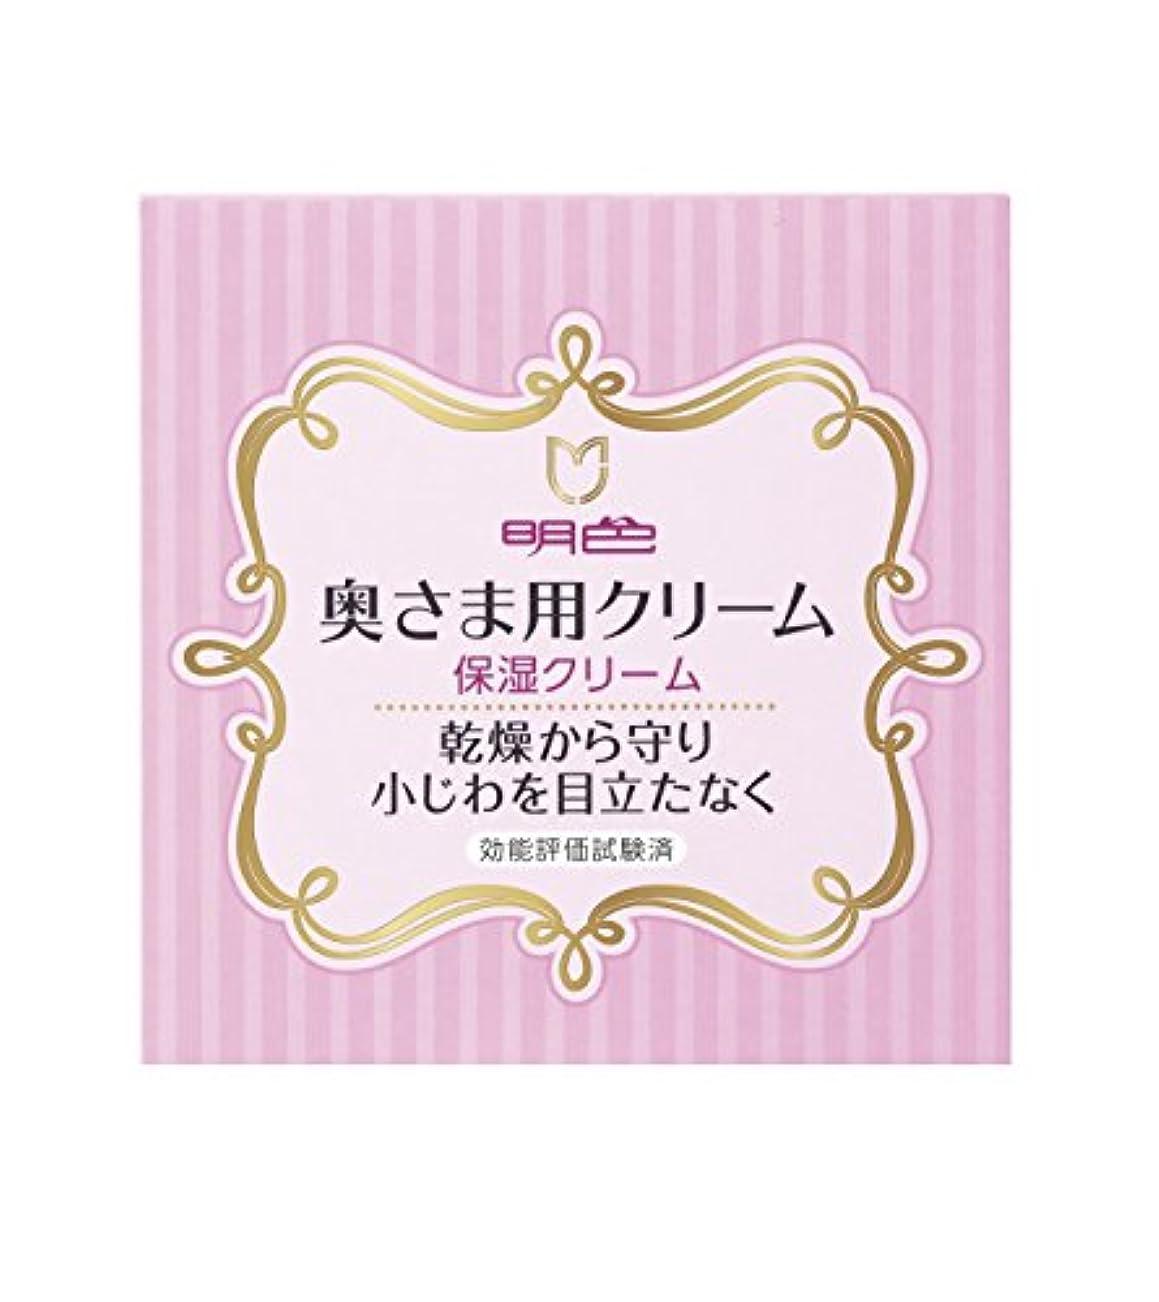 ピック亡命チケット明色シリーズ 奥さま用クリーム 60g (日本製)